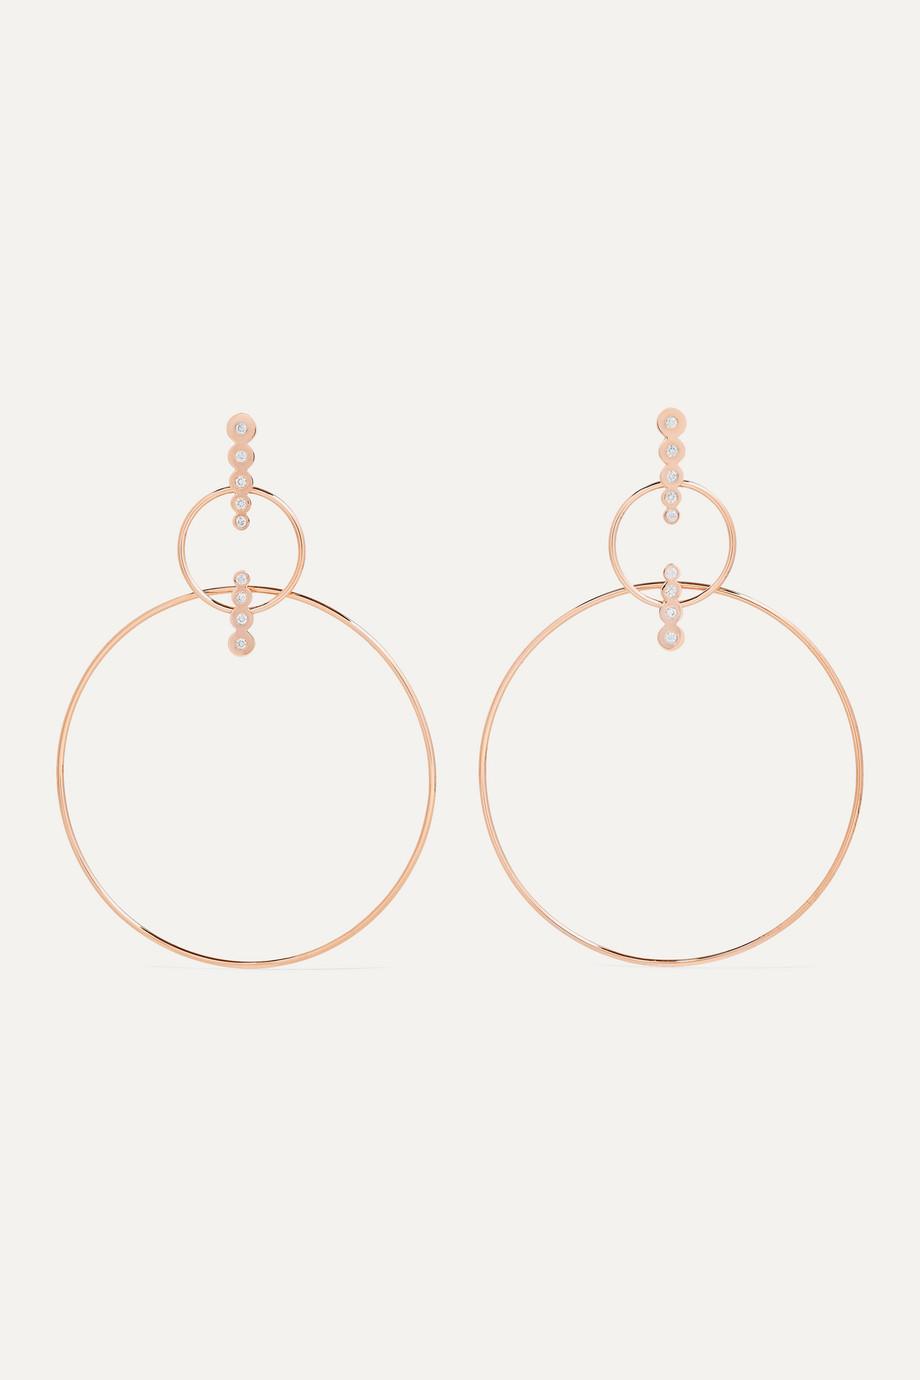 Diane Kordas Double Hoop 18-karat rose gold diamond earrings